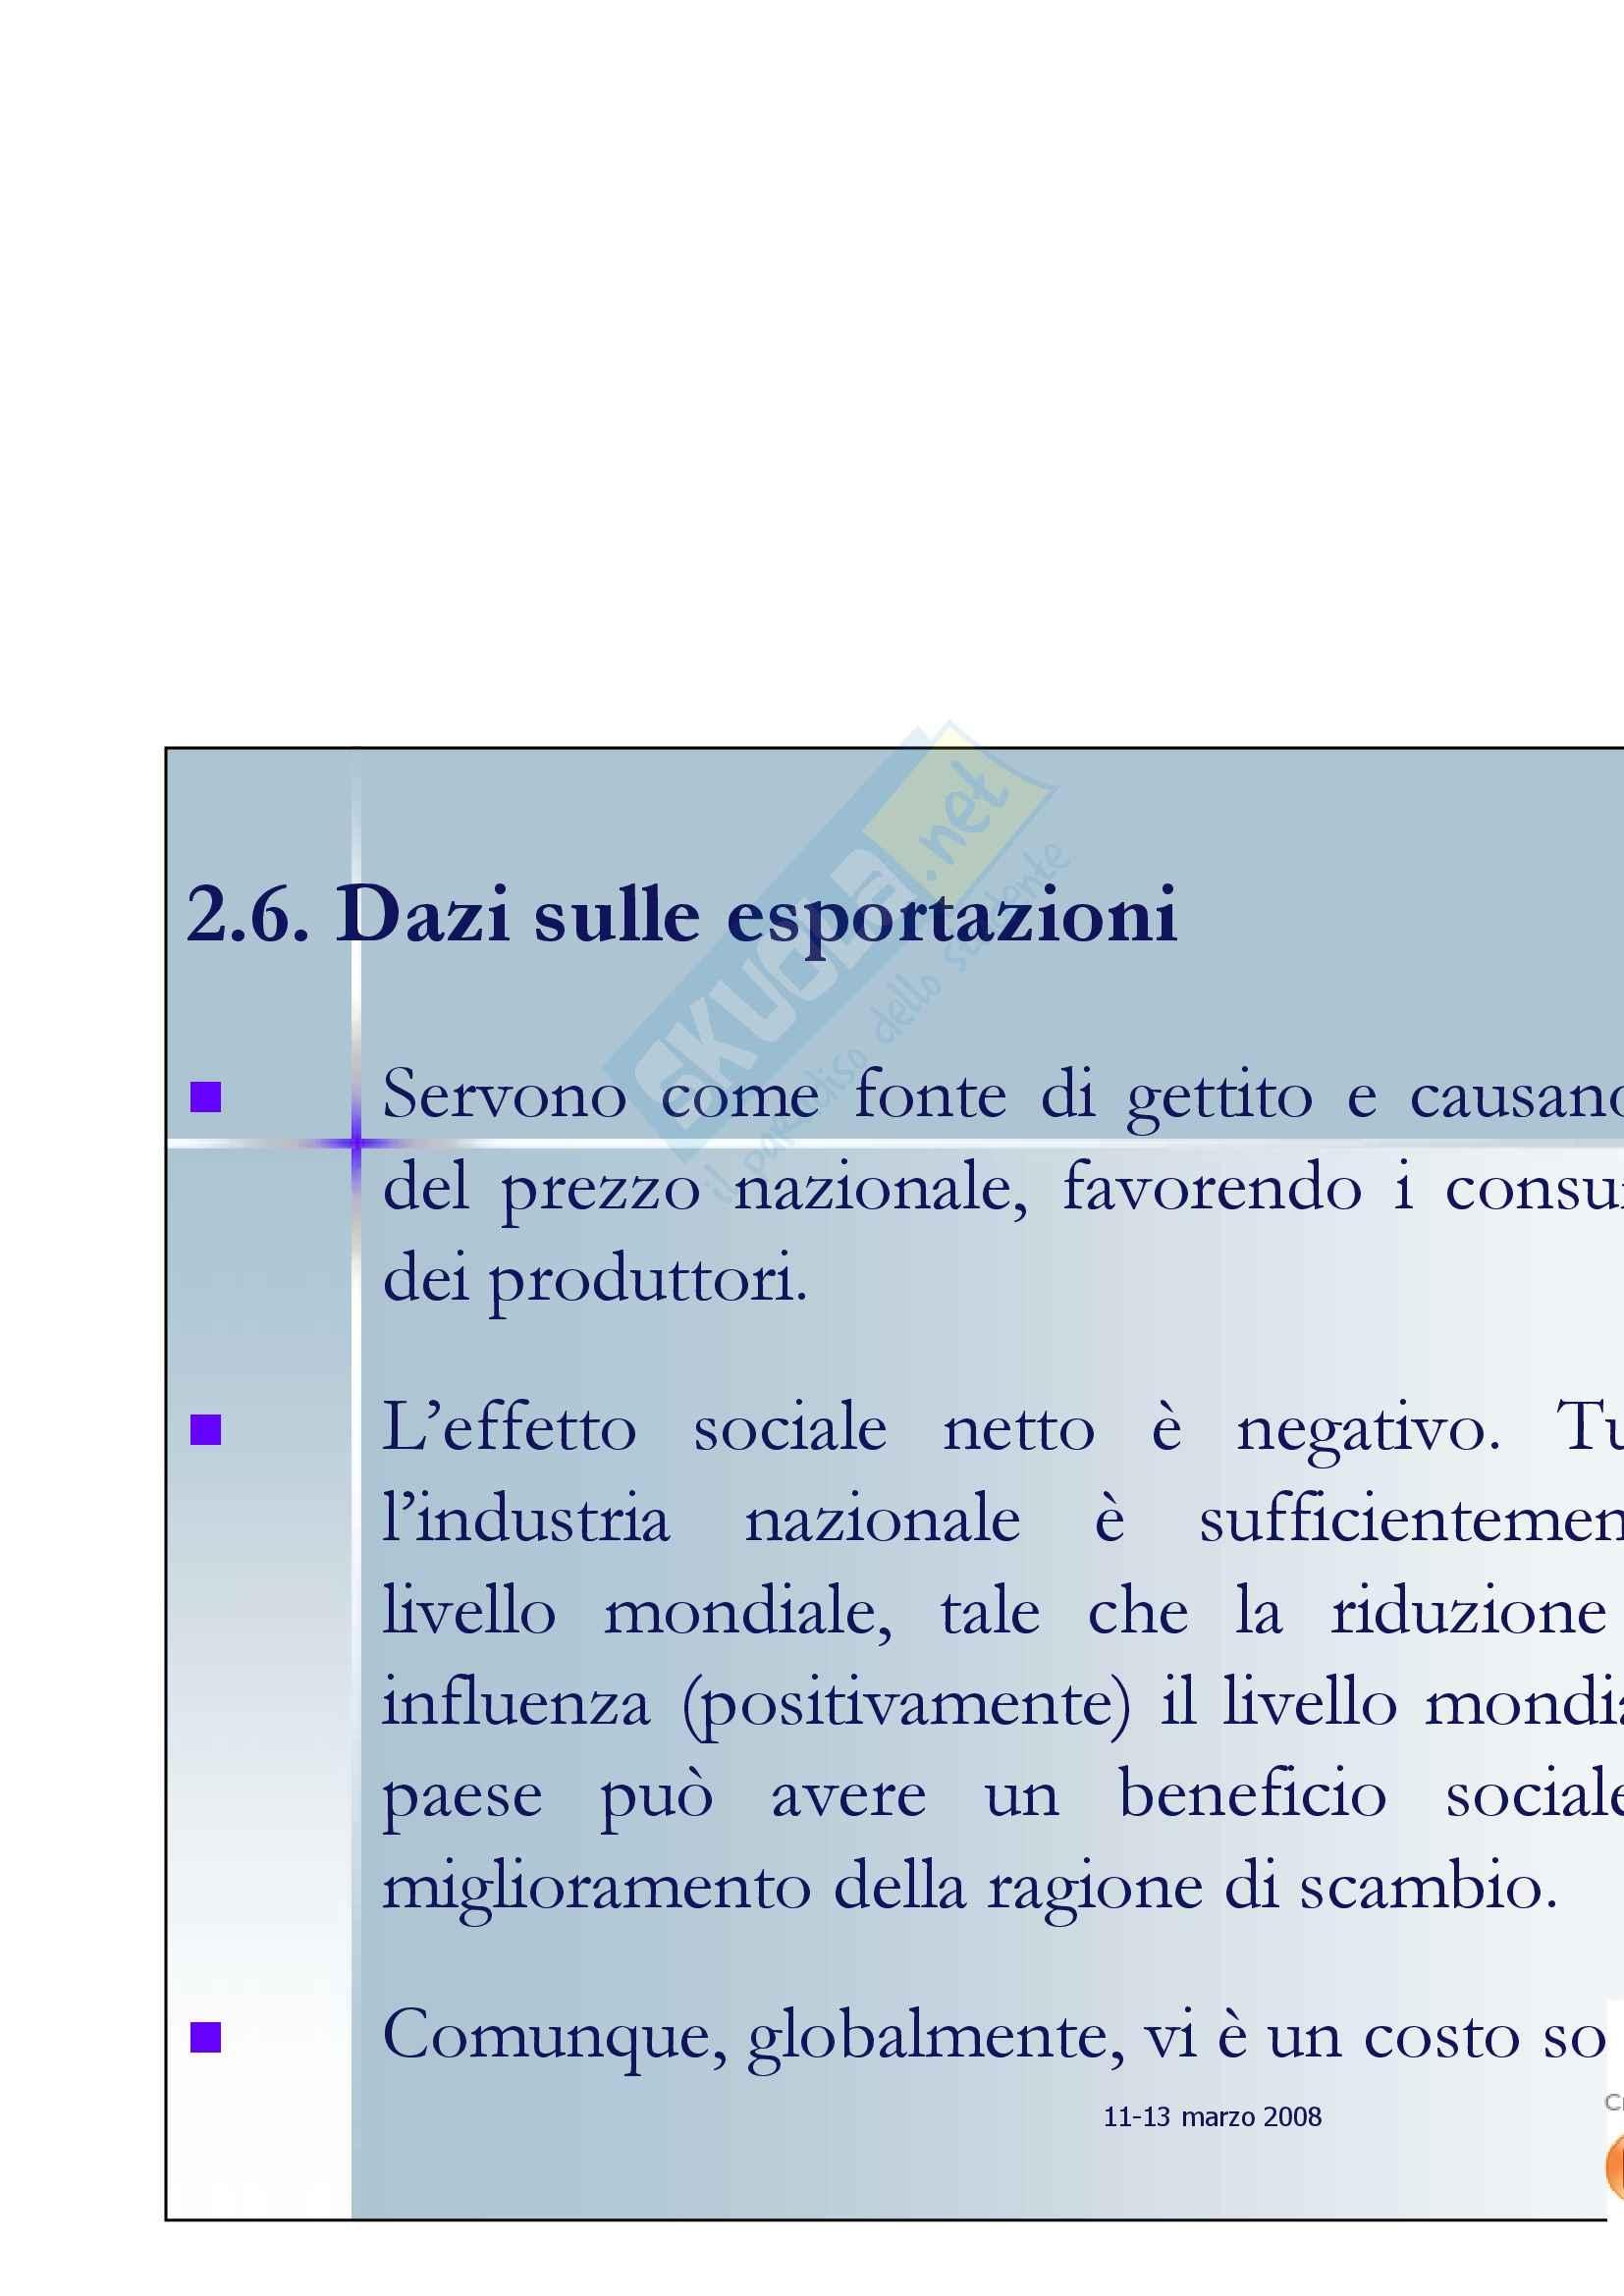 Economia internazionale -  esempi di stima di costo sociale per i dazi Pag. 21